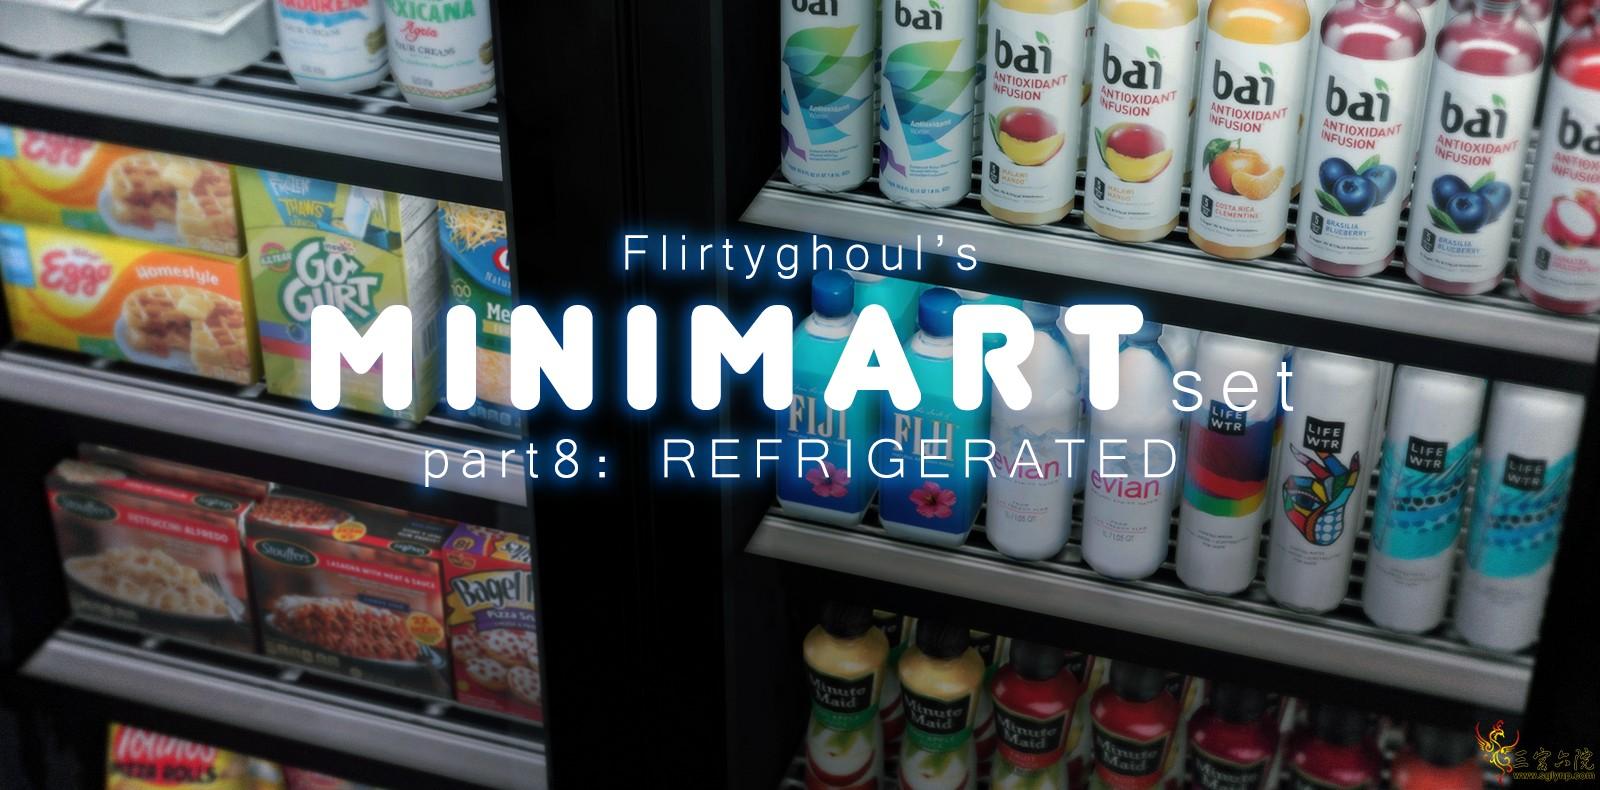 FG_Minimart_PART8_REFRIGERATEDSET_prev1.png